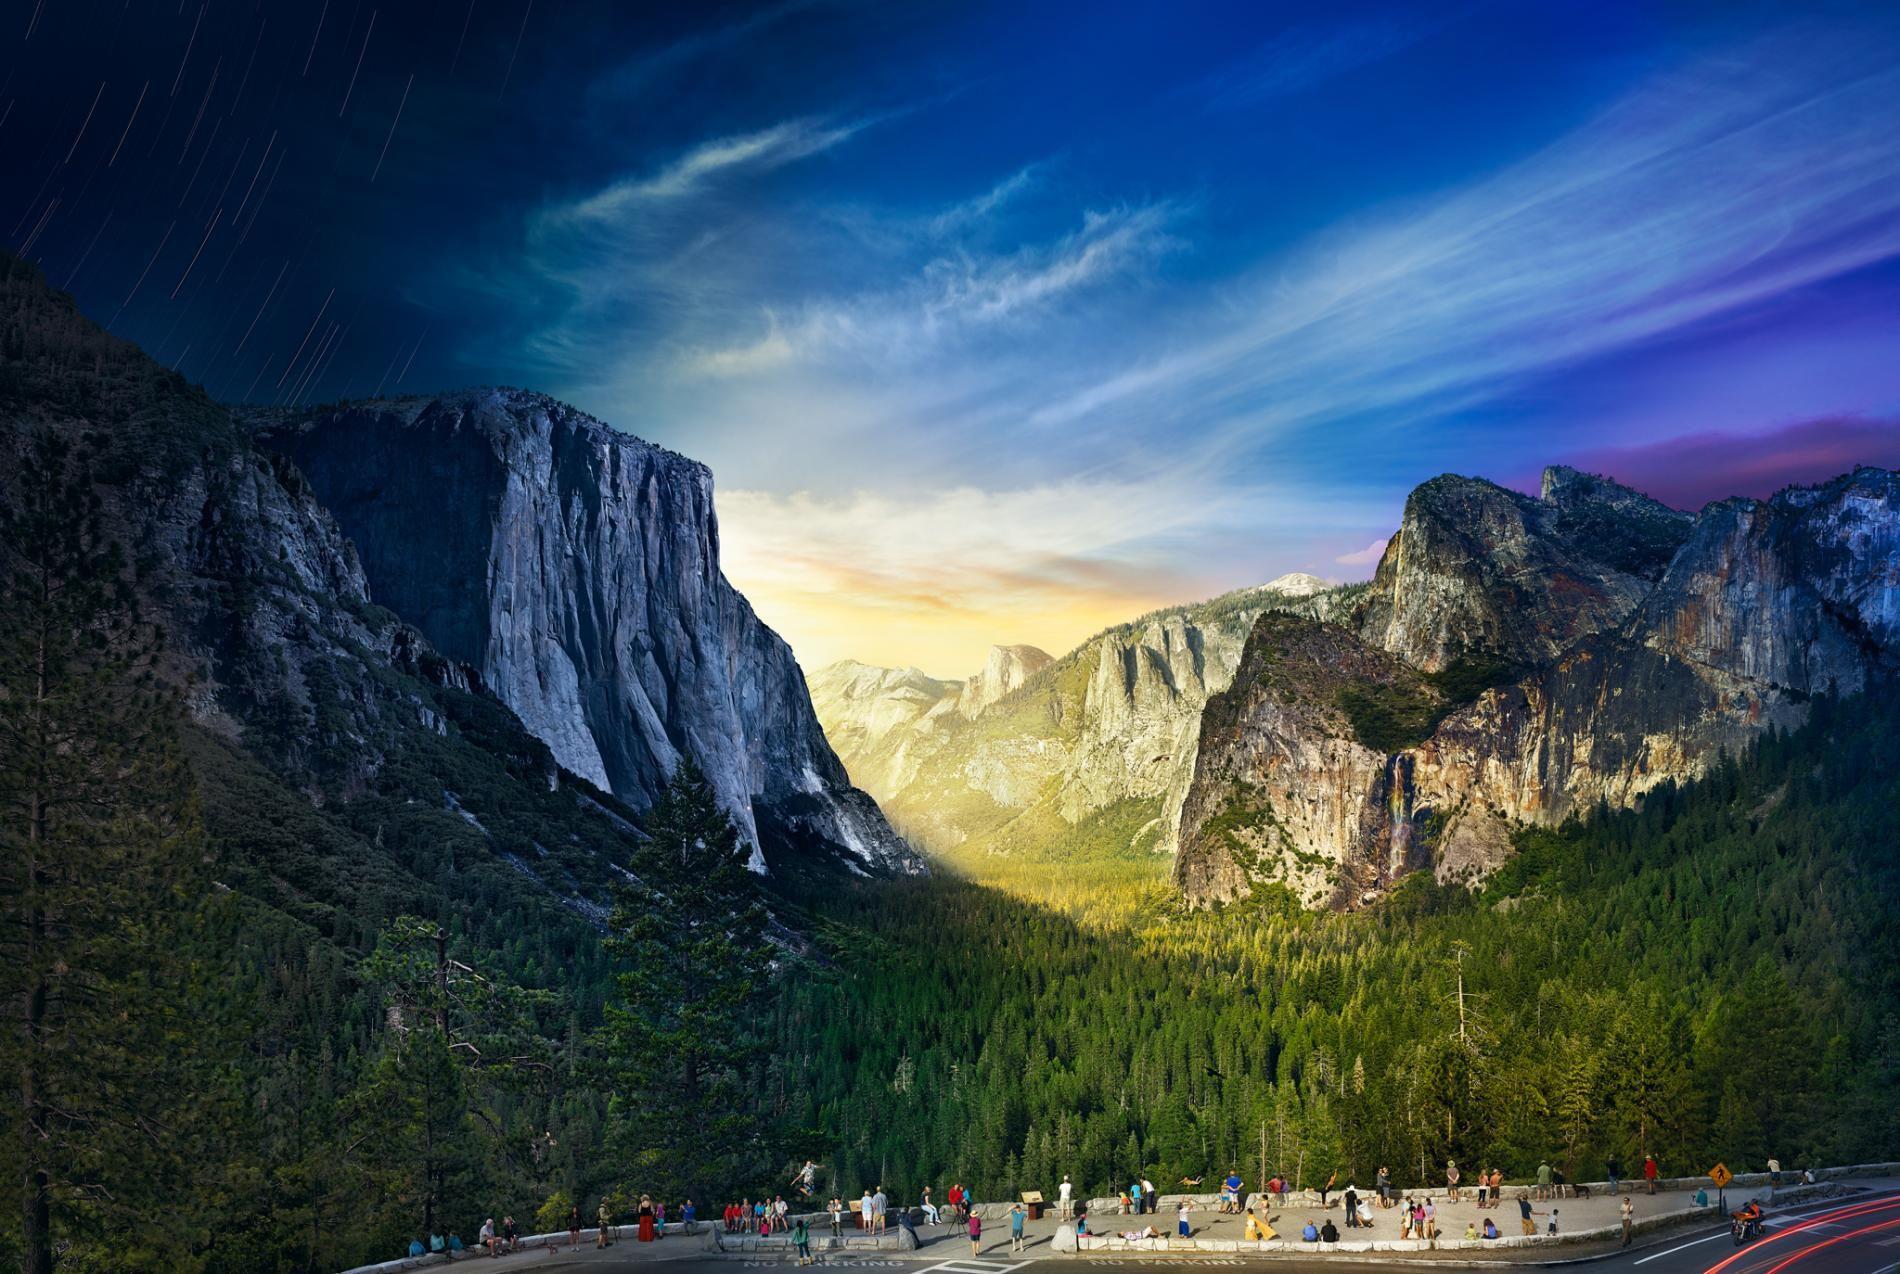 AMAZING Photographs at National Geographic Best Photographs of 2016  #photography #2016 | National parks, Yosemite national park, Yosemite